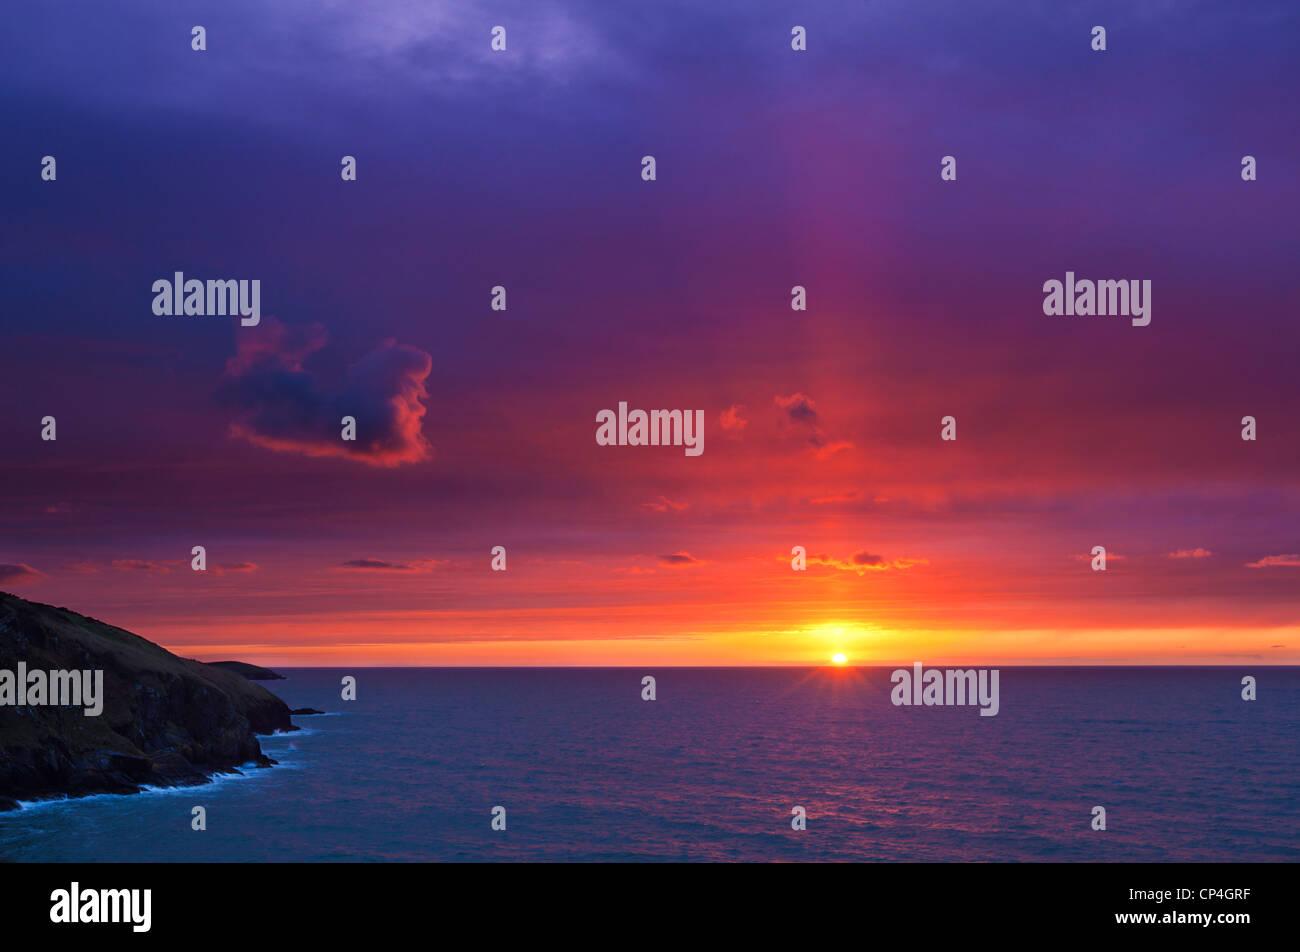 Sunset Mwnt Cardigan bay Ceredigion coast Cardiganshire Wales UK GB EU Europe - Stock Image